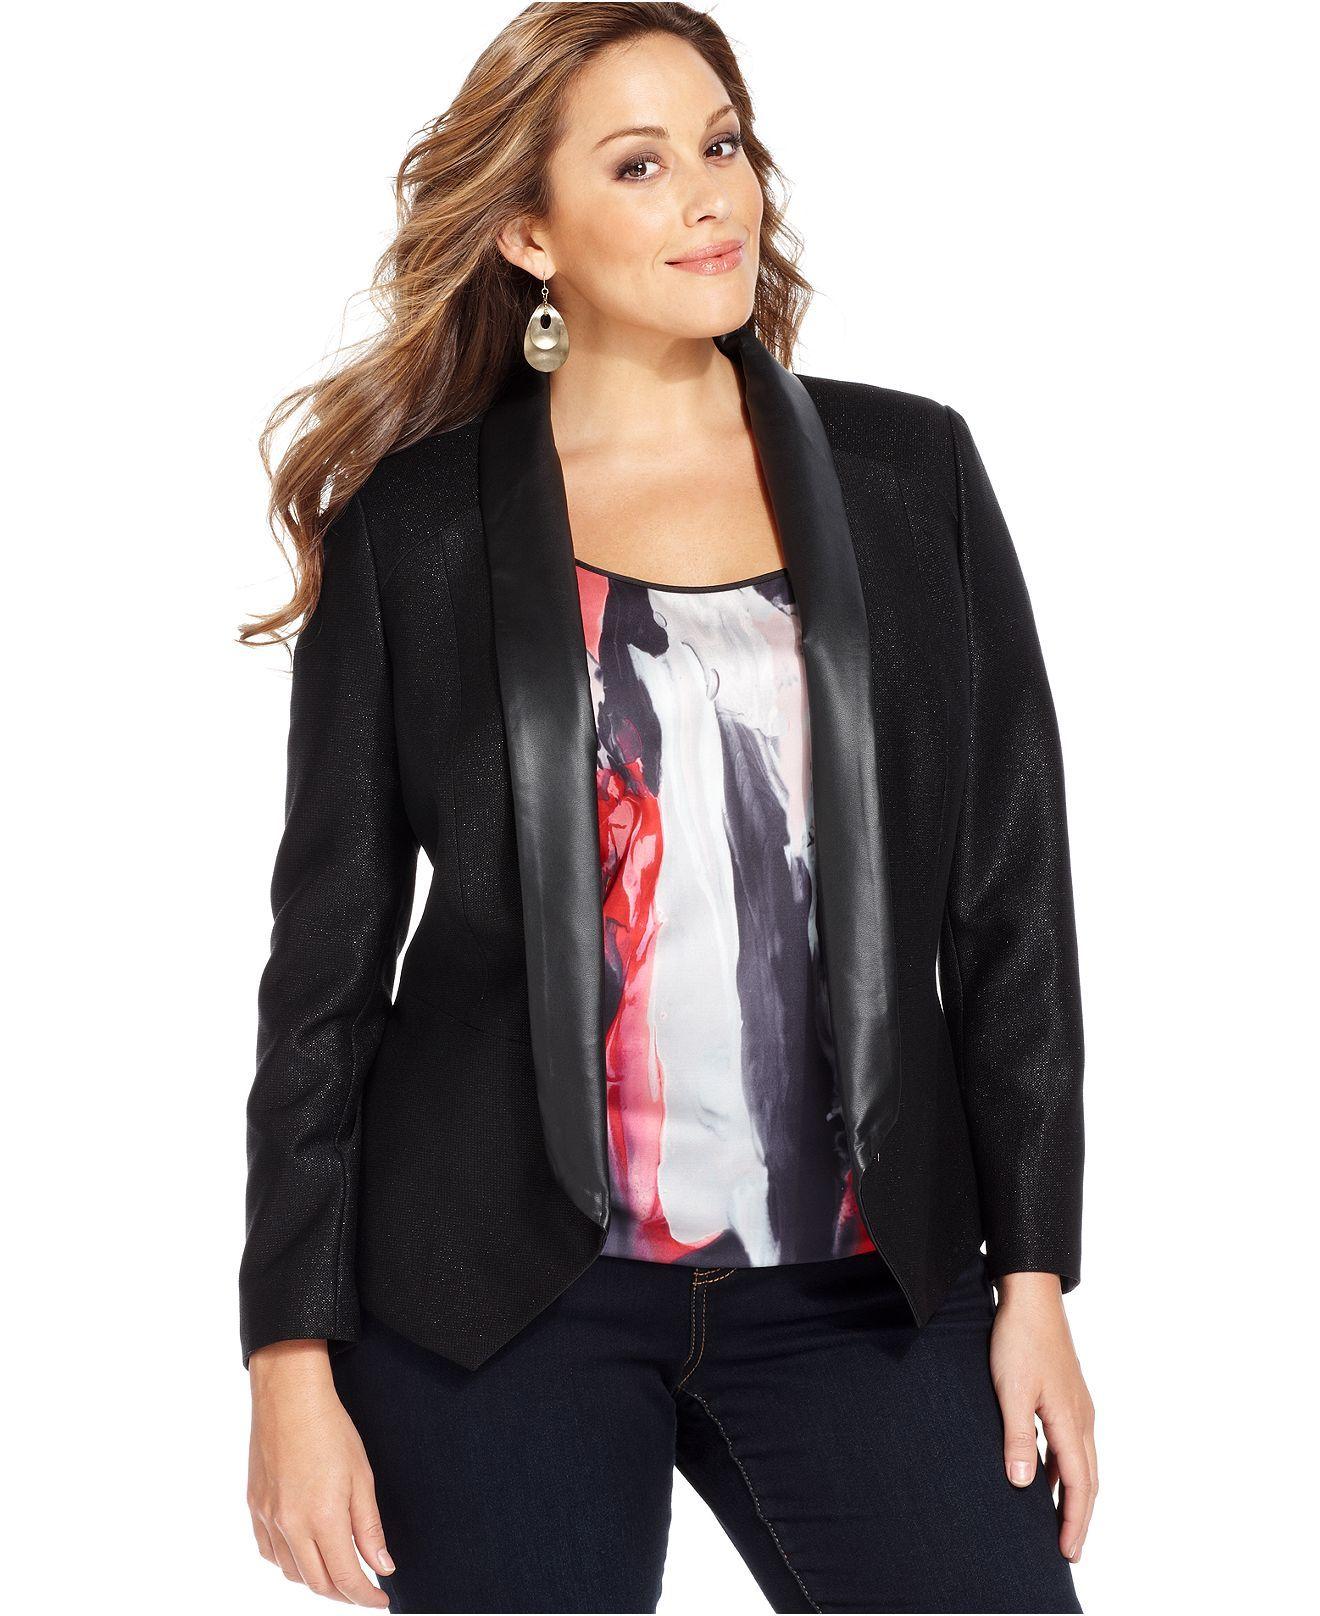 DKNY Plus Size Jacket, Faux Leather Metallic Tuxedo Plus